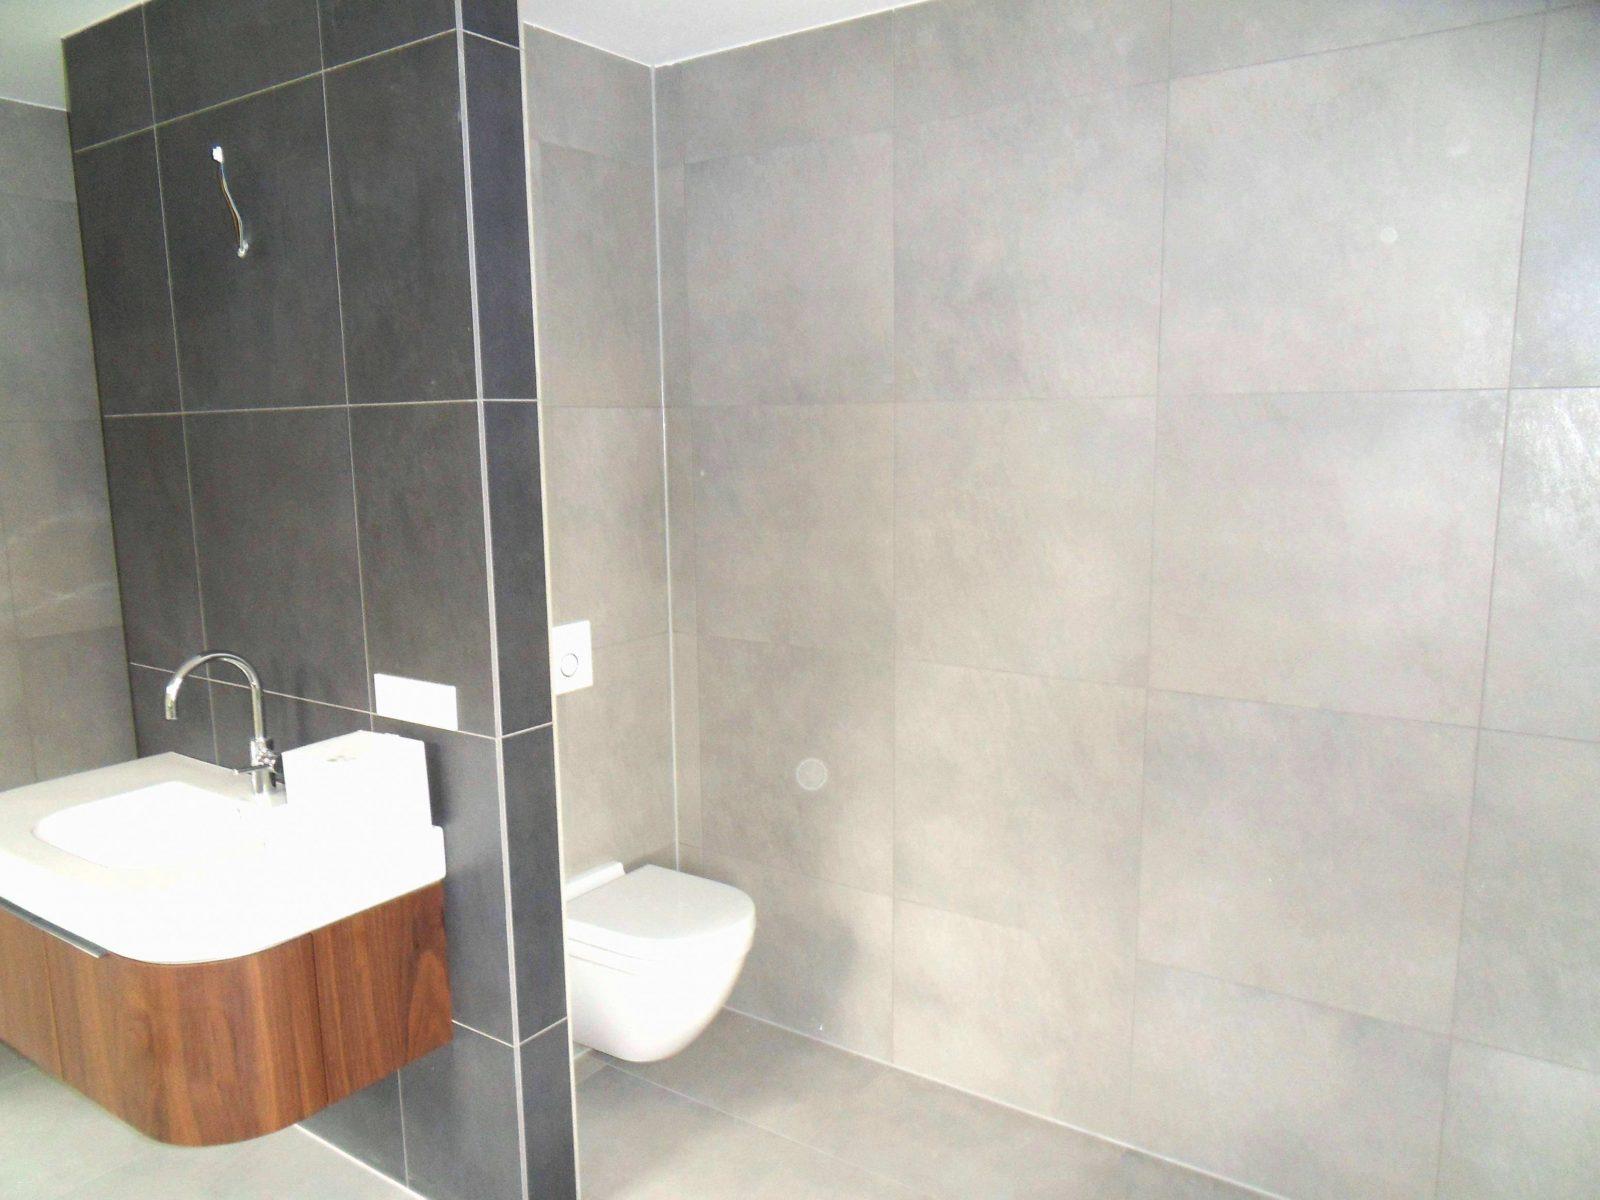 57 Tolle Von Kleines Bad Fliesen Design  Beste Wohnzimmerideen von Badfliesen Ideen Kleines Bad Bild